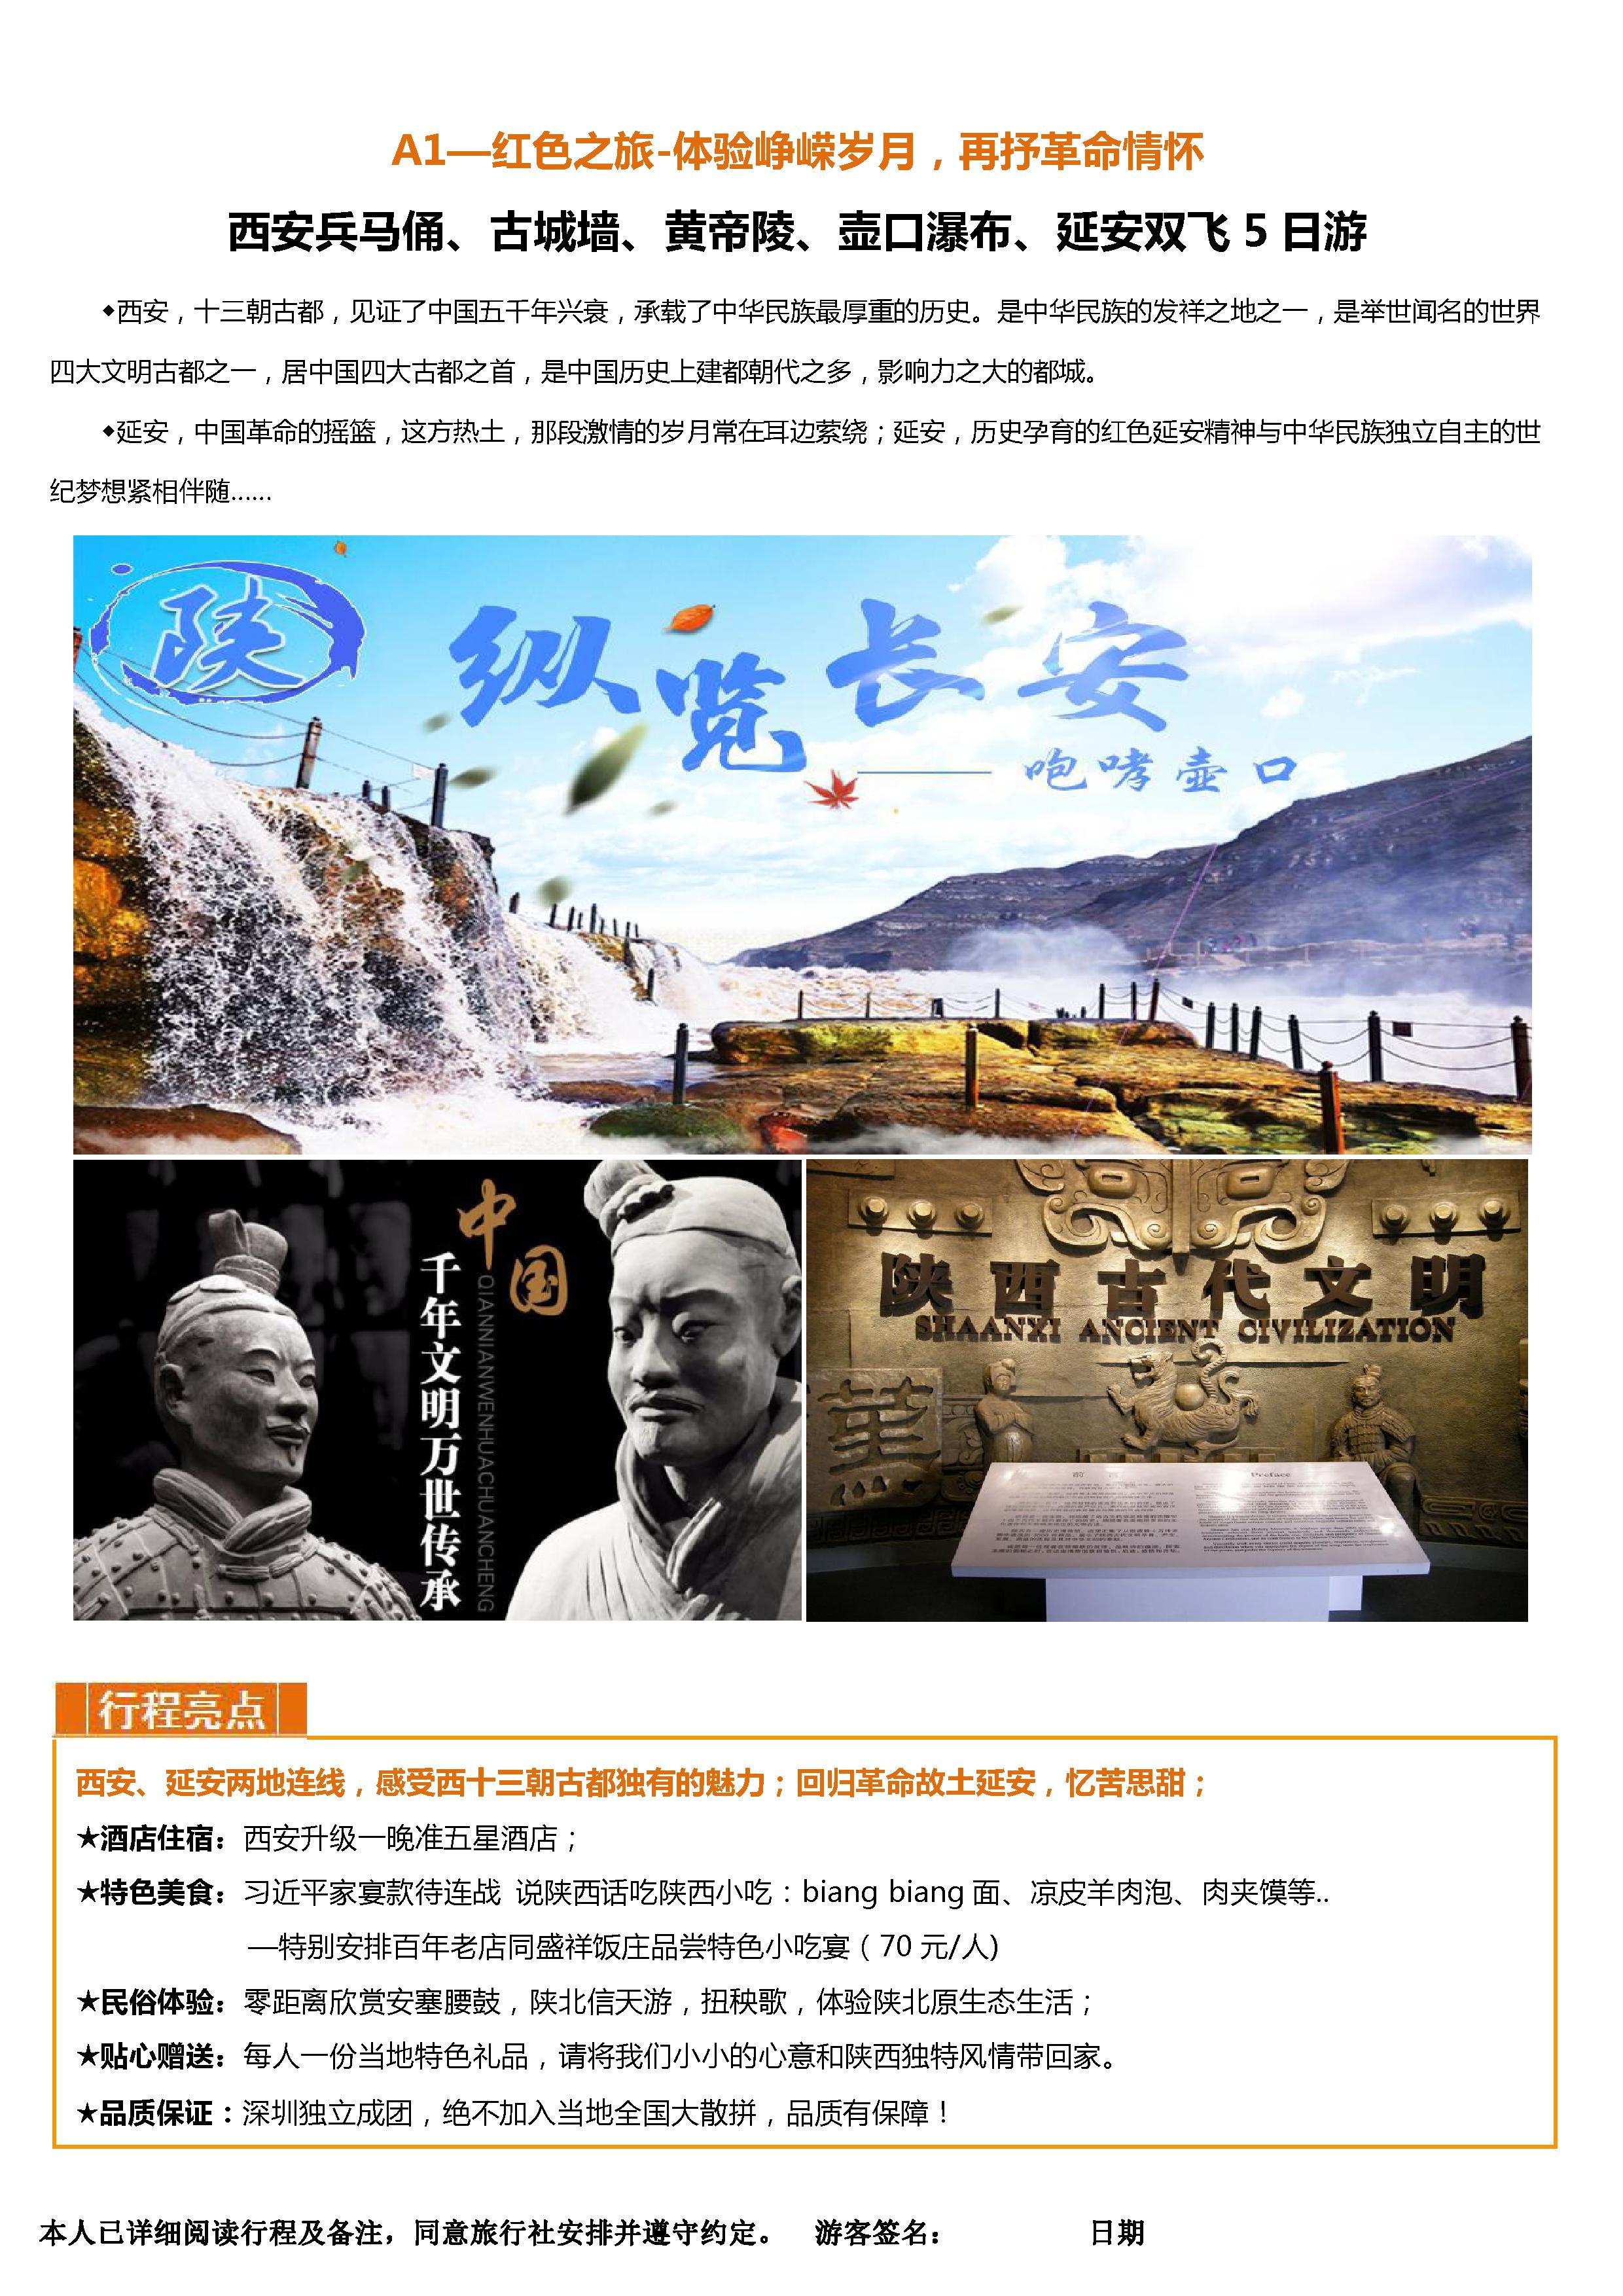 【A1红色之旅】西安兵马俑、古城墙、壶口瀑布、黄帝陵、陕北5日游